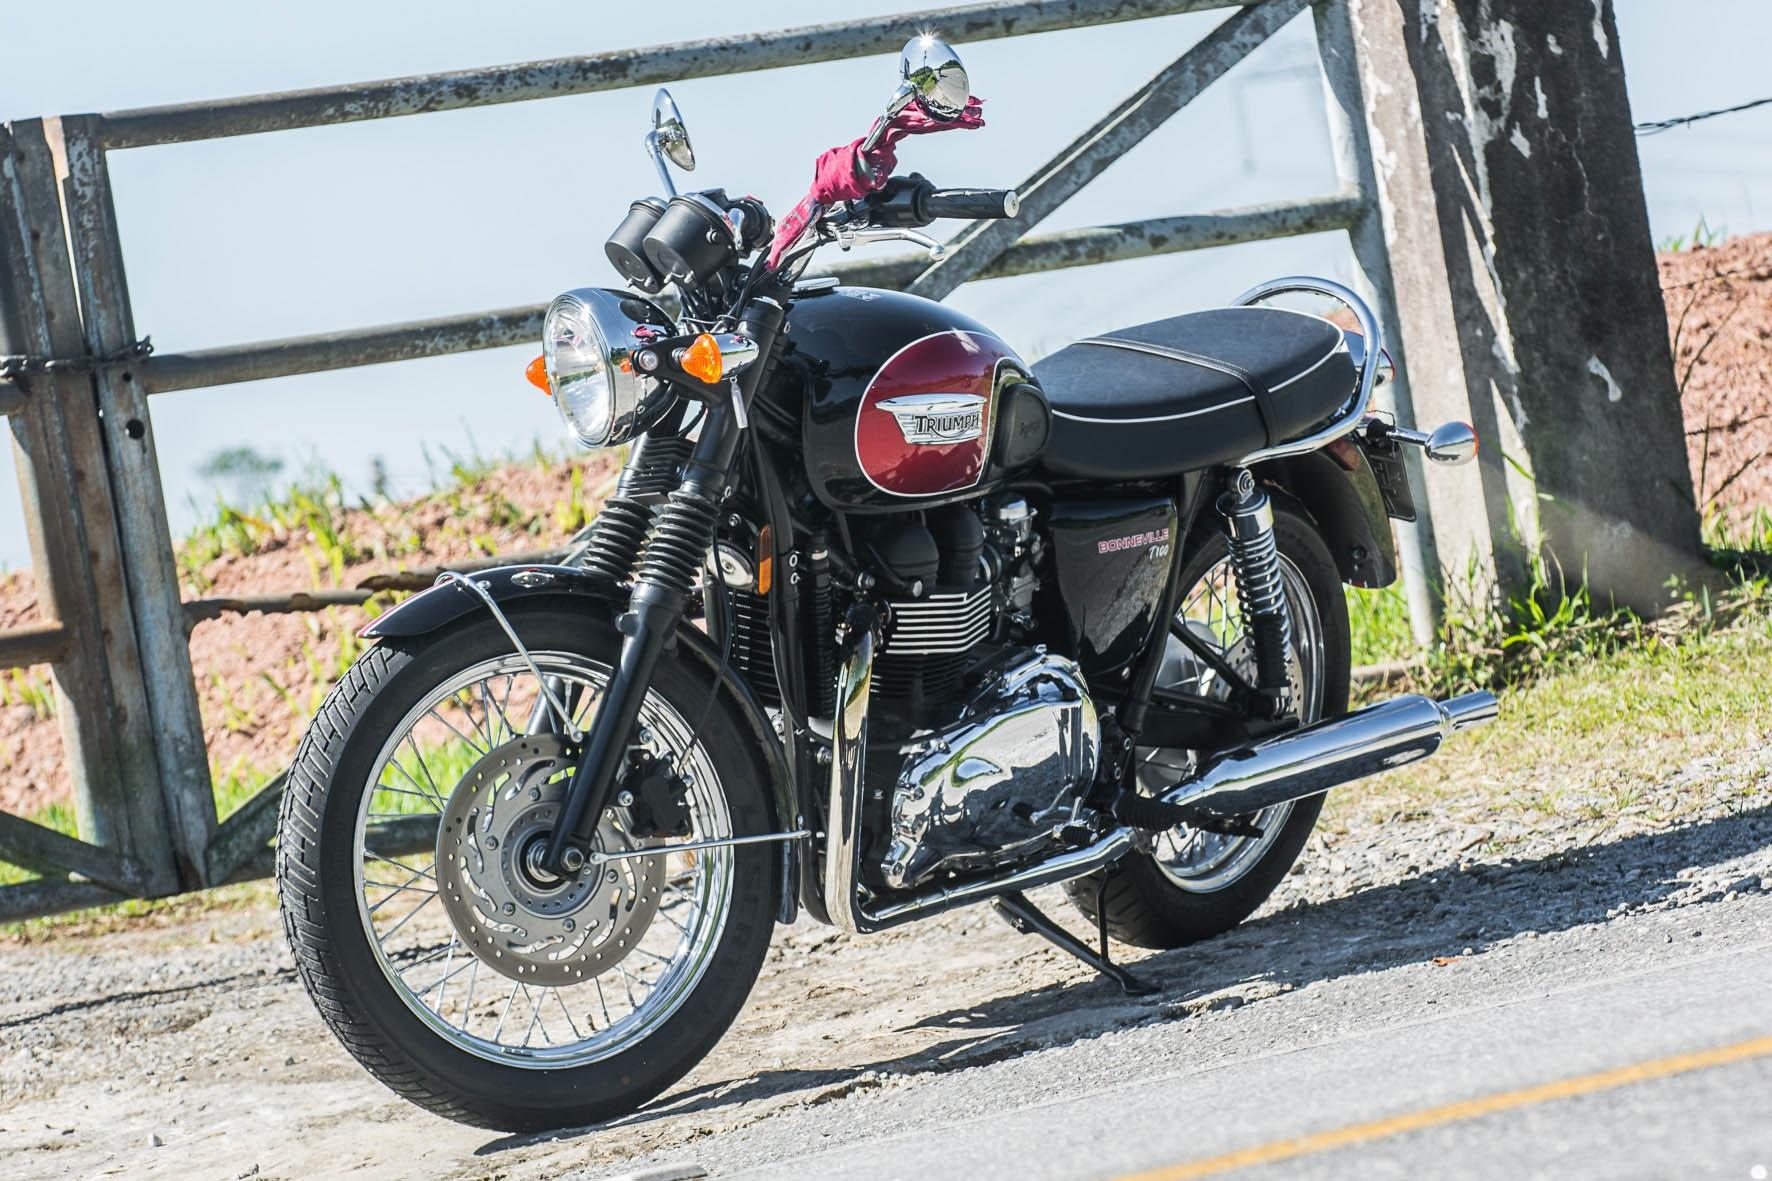 A Triumph Bonneville tem estilo clássico que remete aos anos de 1950